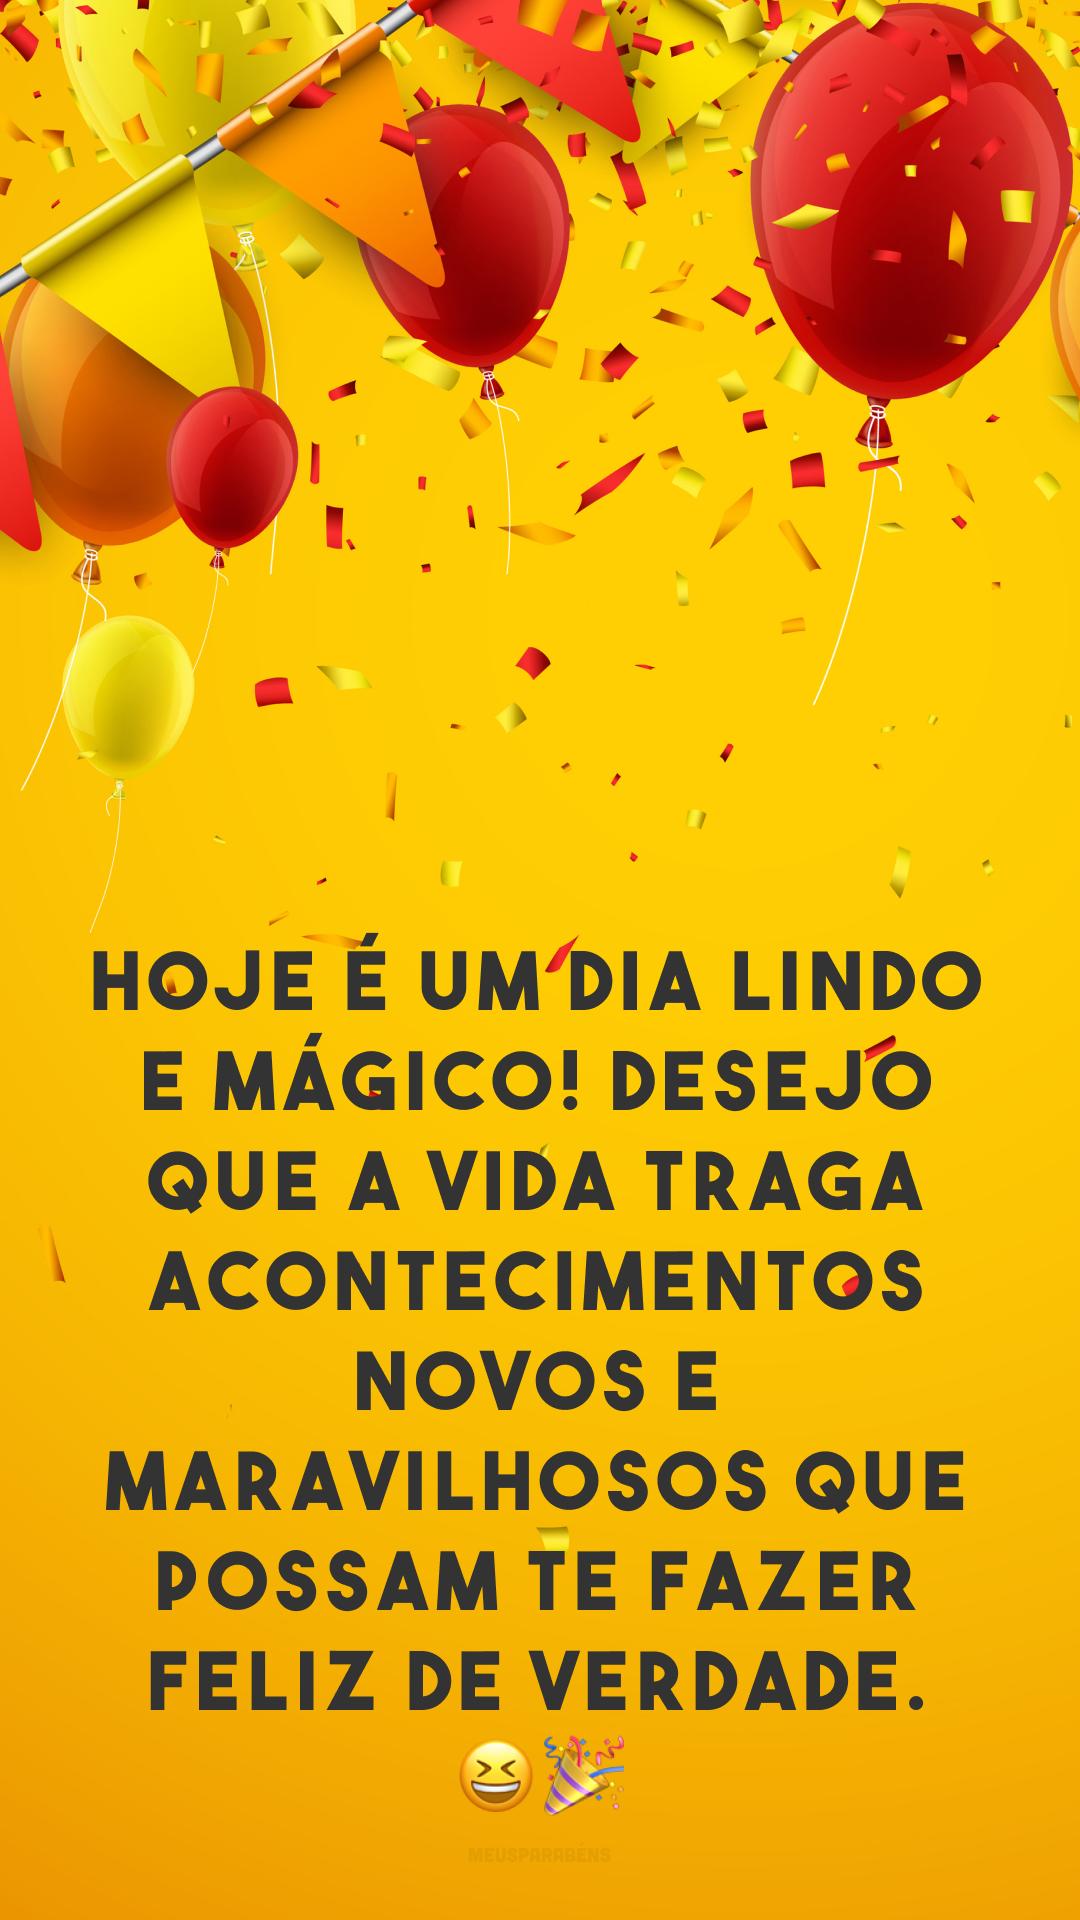 Hoje é um dia lindo e mágico! Desejo que a vida traga acontecimentos novos e maravilhosos que possam te fazer feliz de verdade. 😆🎉